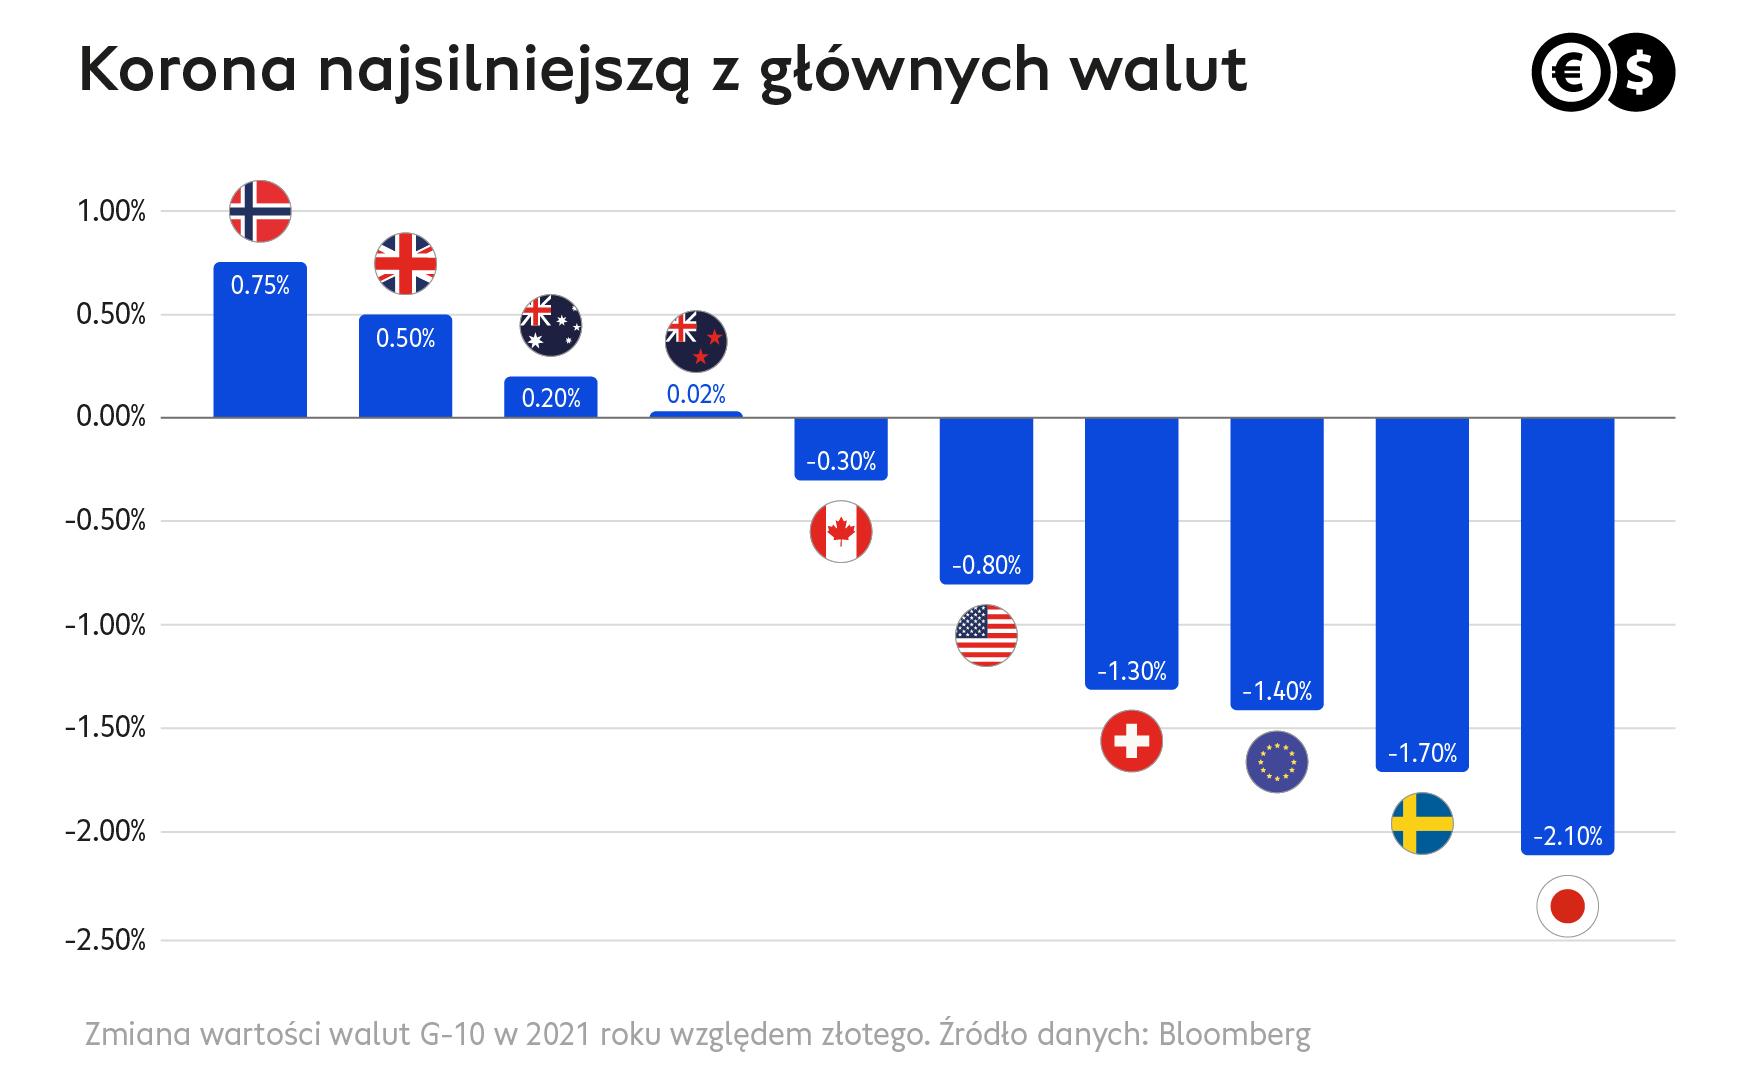 Cinkciarz.pl: korona norweska najsilniejsza